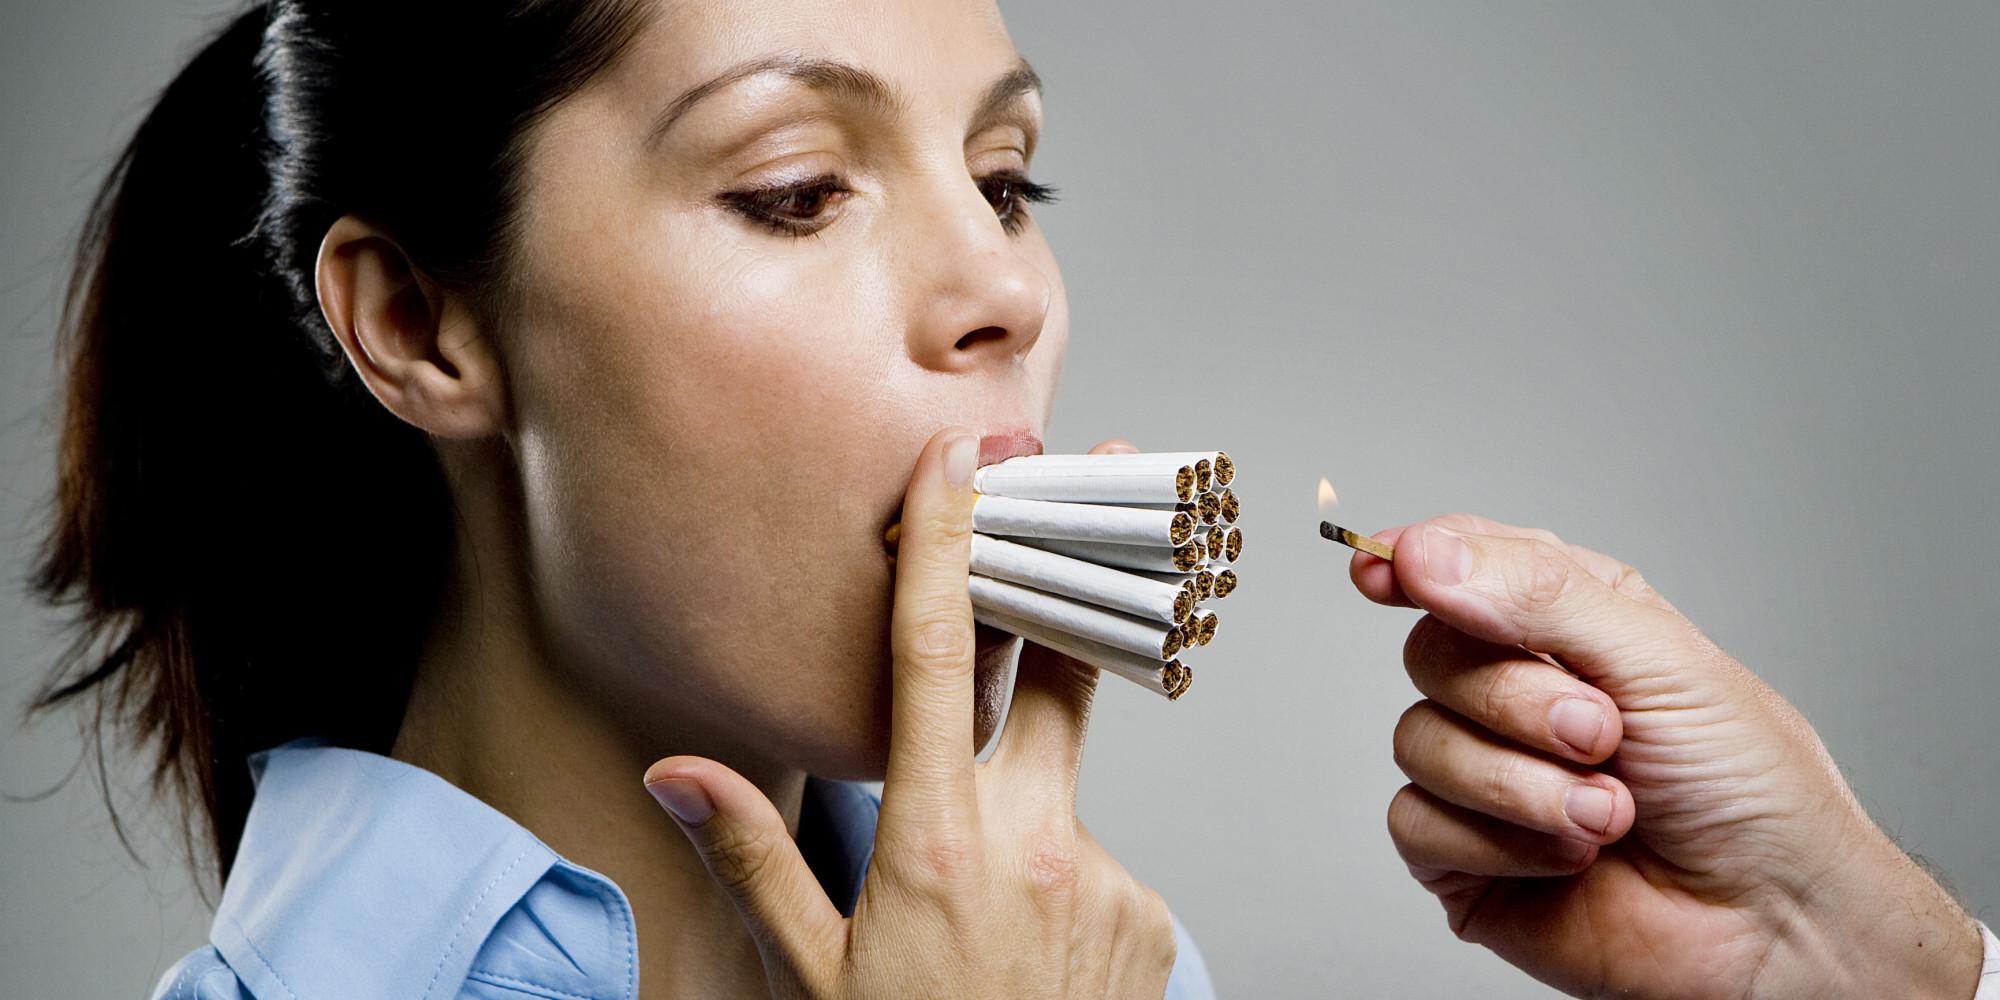 регулируется трёх вредные привычки показать картинки то, что всем